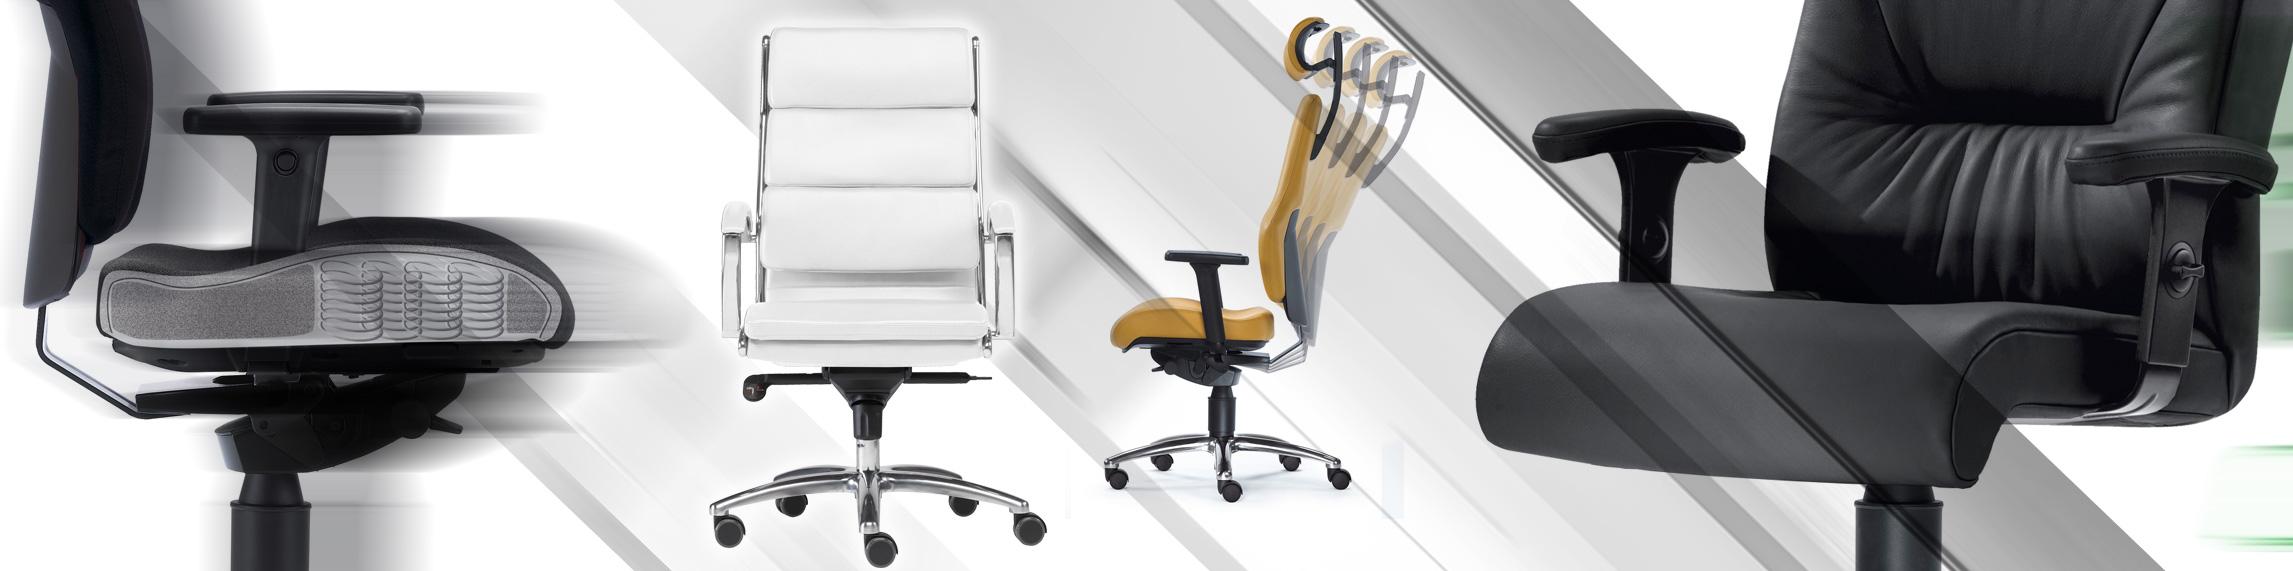 Bürostühle in 91126 Schwabach kaufen | Steifensand